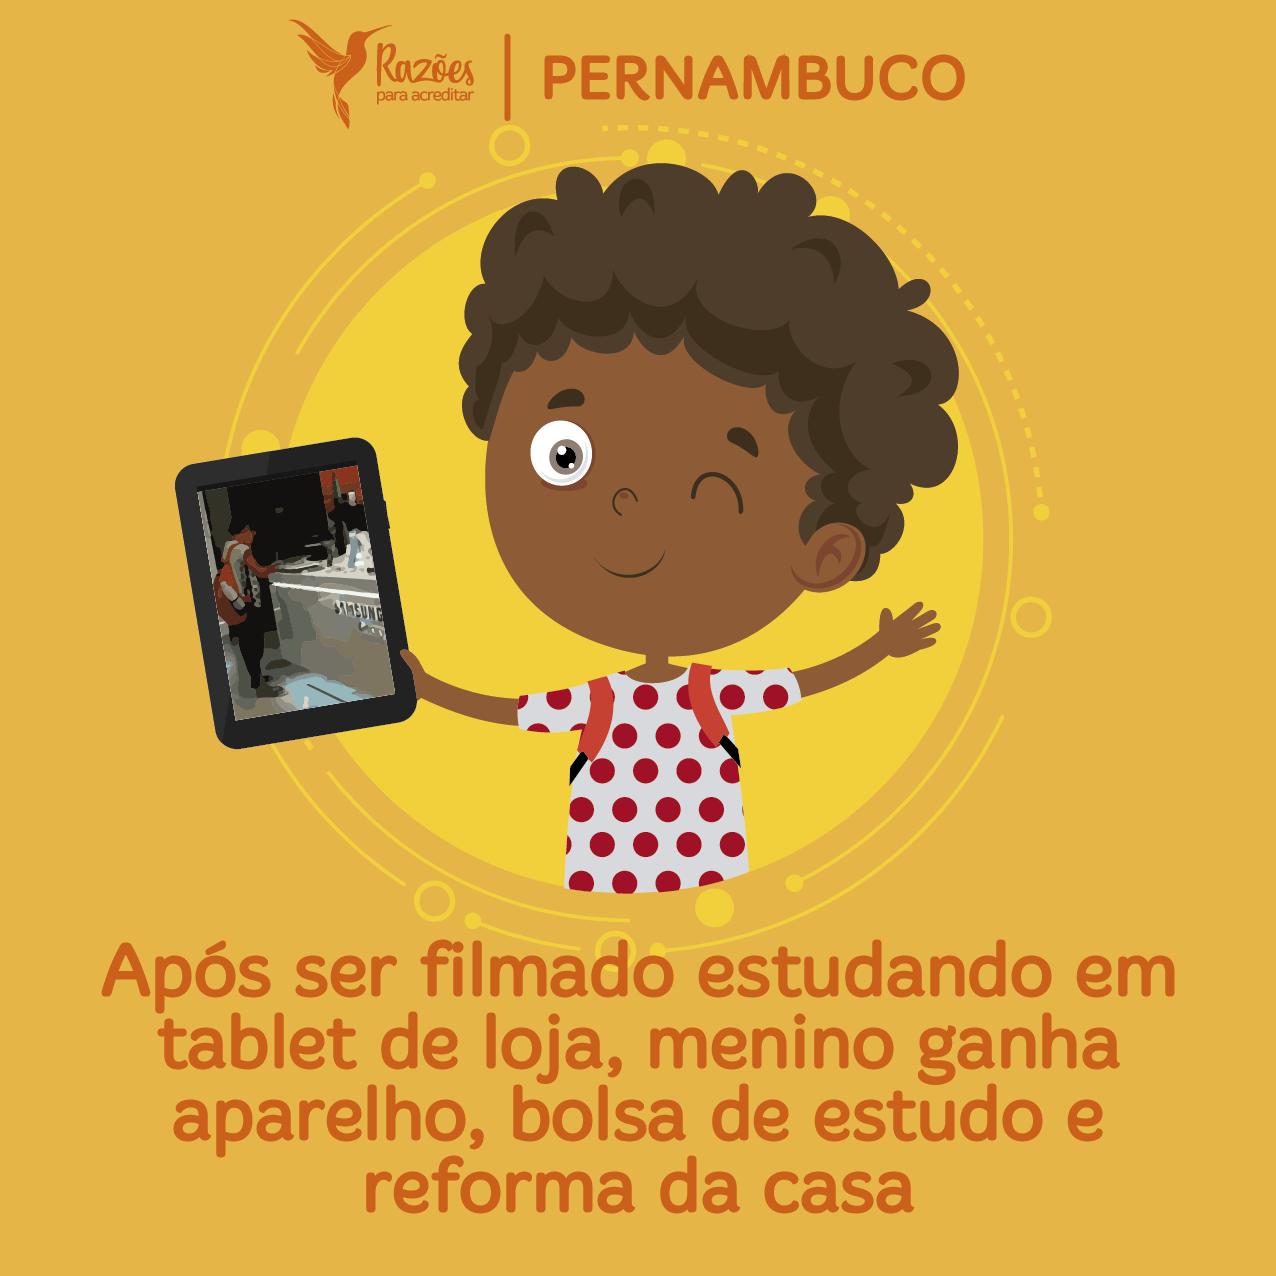 boas notícias ilustrações razões para acreditar - Pernambuco